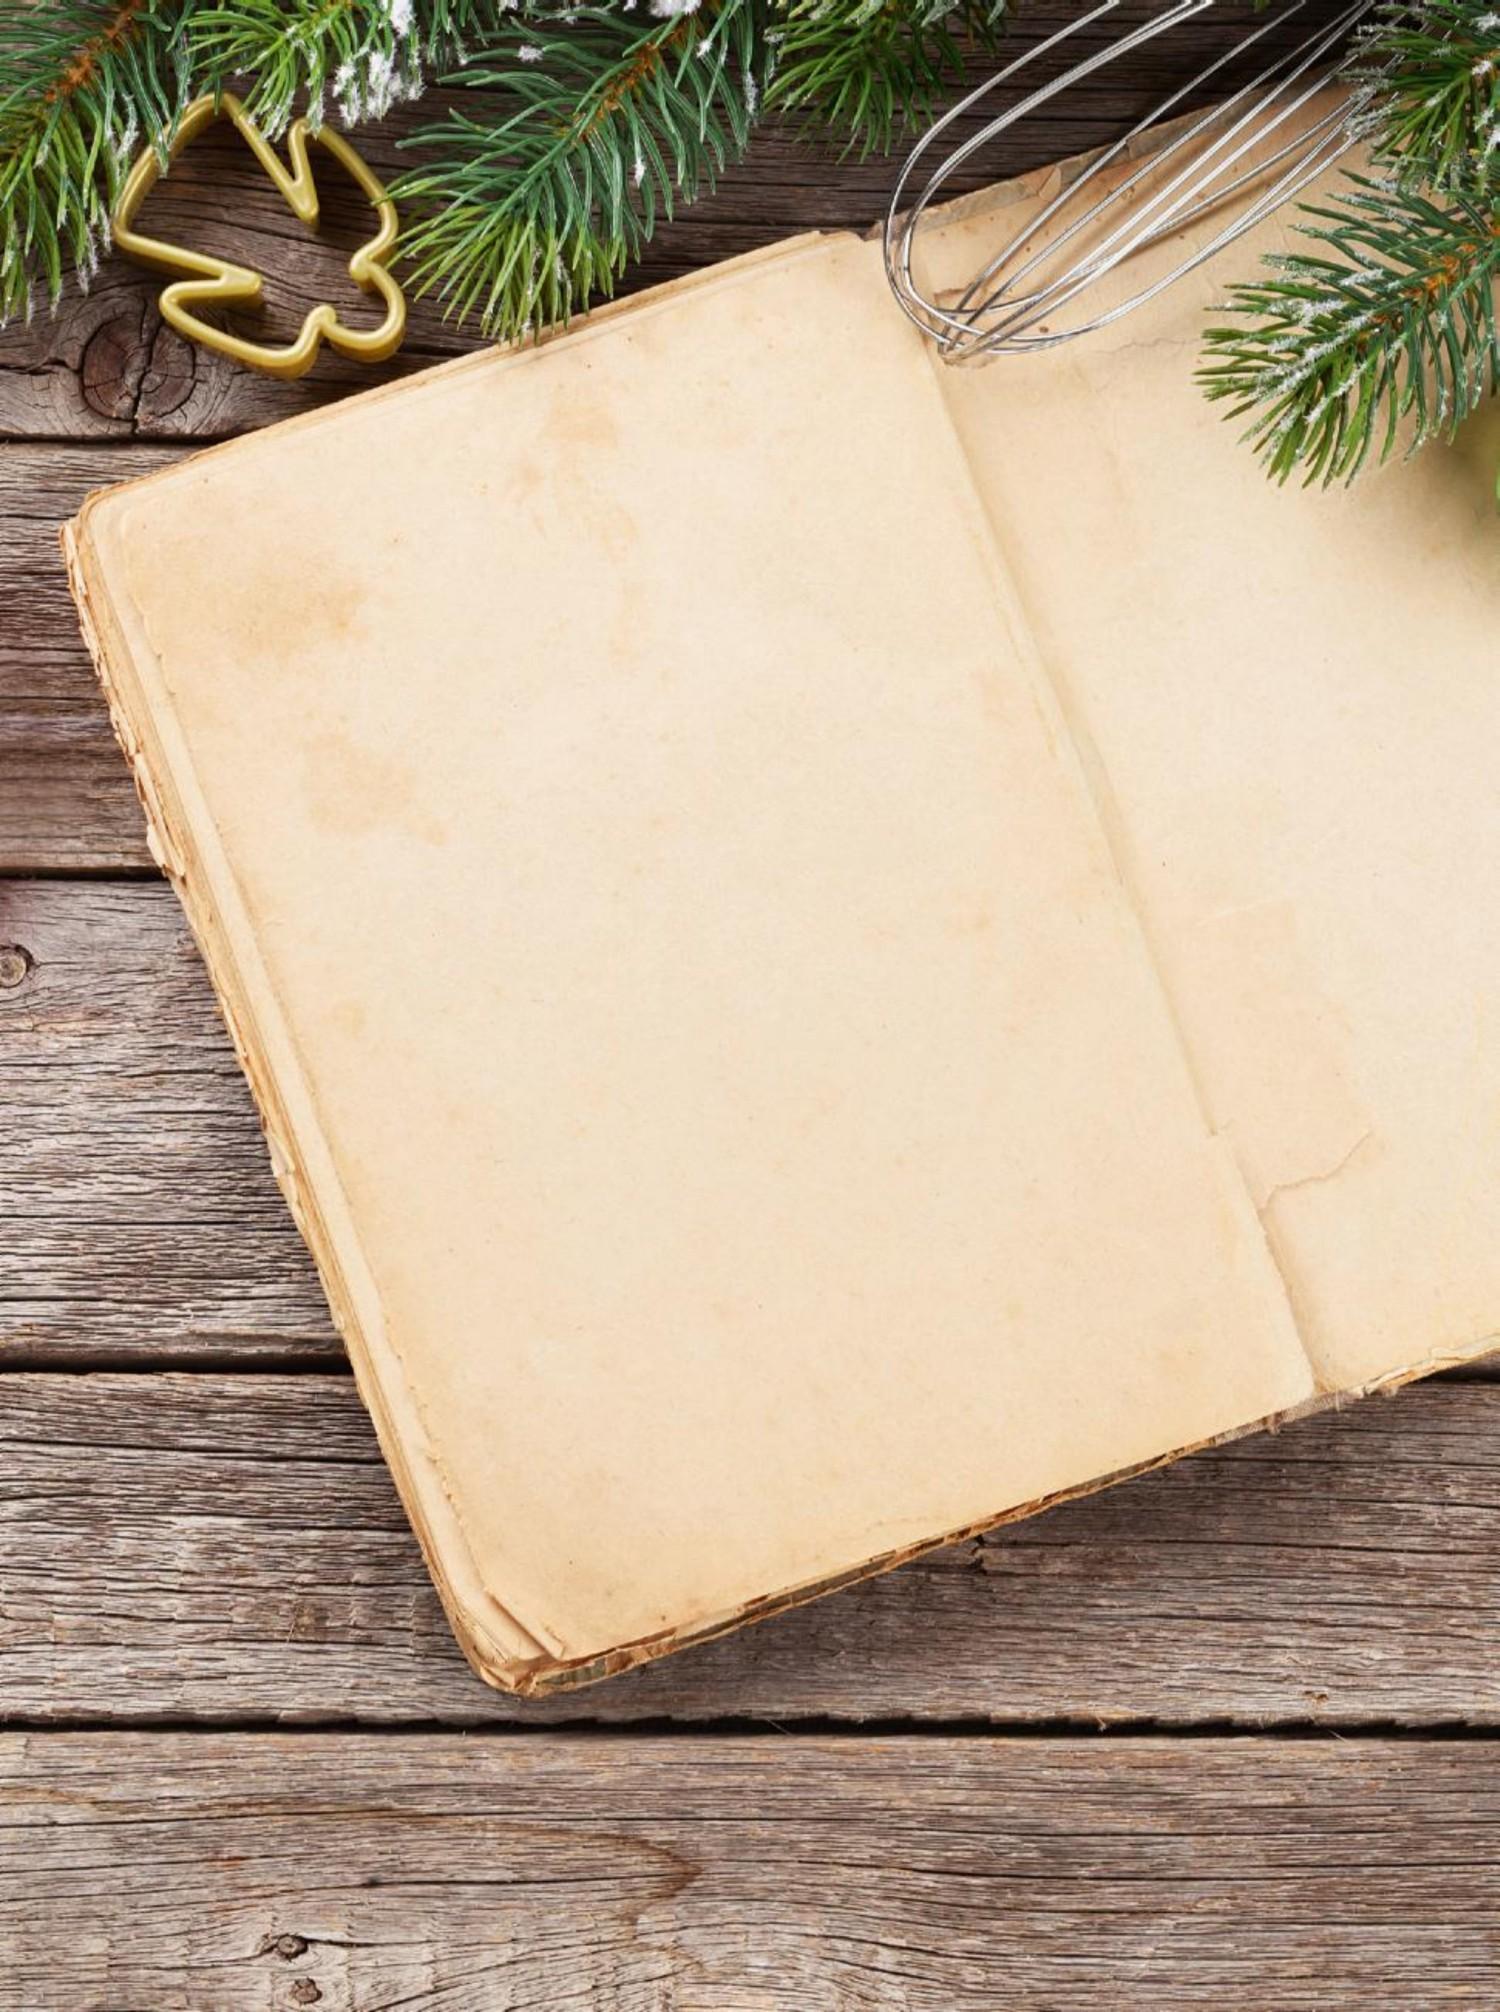 Internationale Weihnachtsessen.So Schmeckt Weihnachten International Pocketmags Com